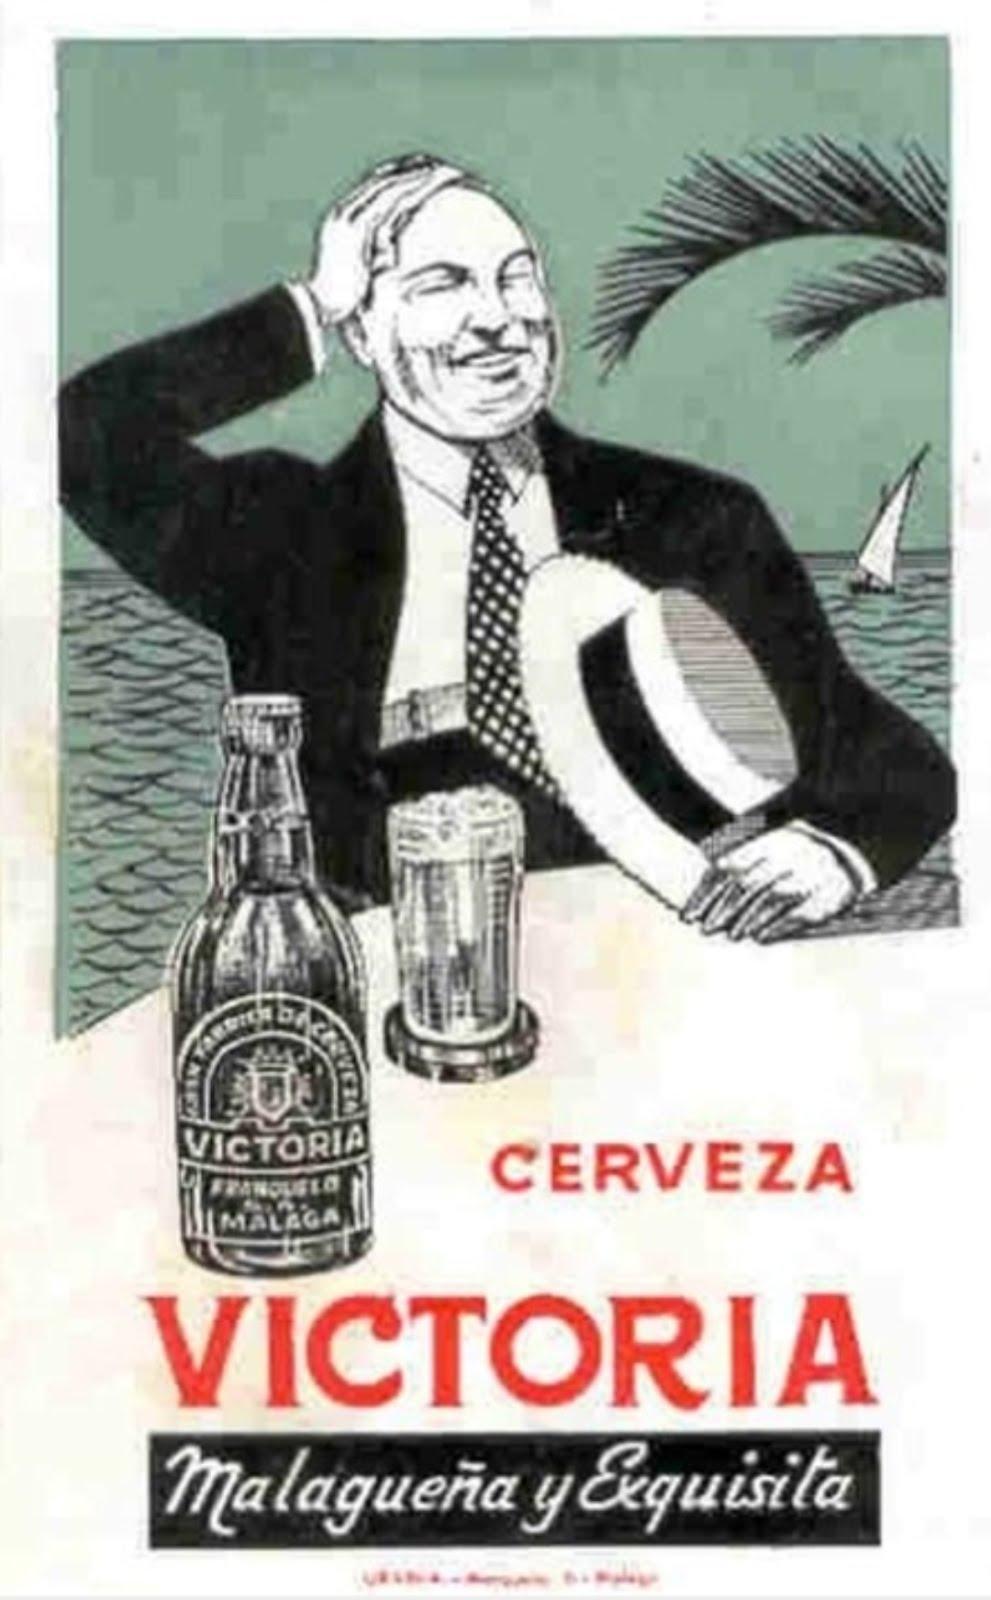 Cervezas Victoria Málaga